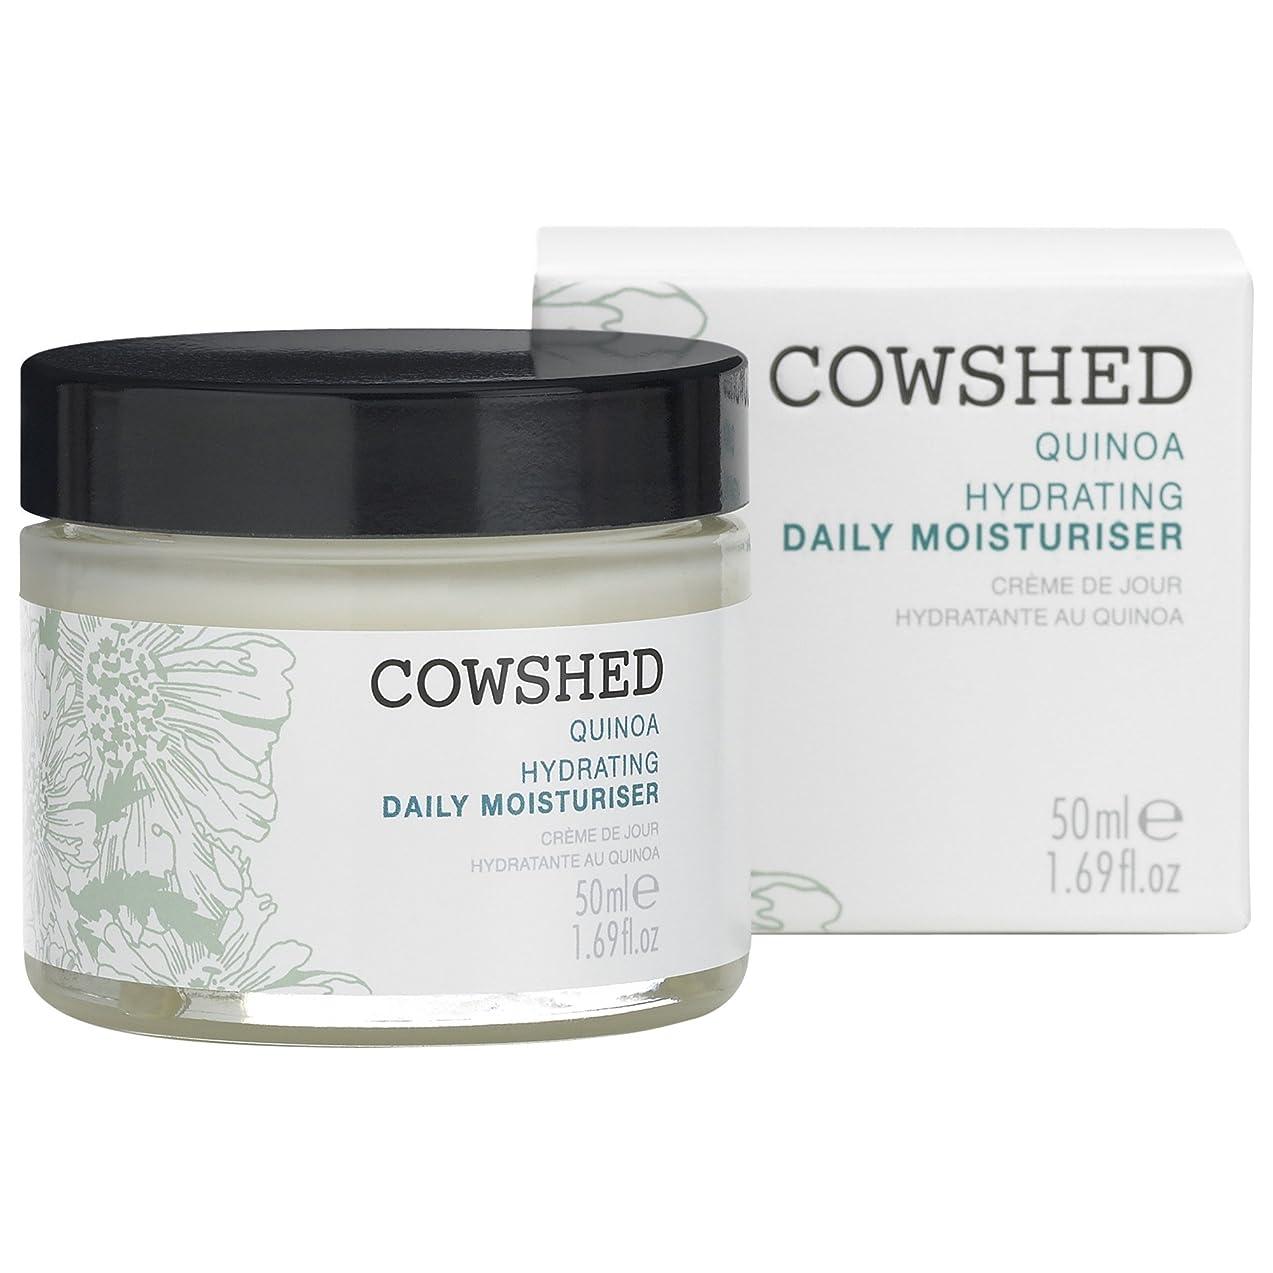 驚くばかり肩をすくめる試してみる牛舎キノア水和毎日の保湿クリーム50Ml (Cowshed) (x6) - Cowshed Quinoa Hydrating Daily Moisturiser 50ml (Pack of 6) [並行輸入品]